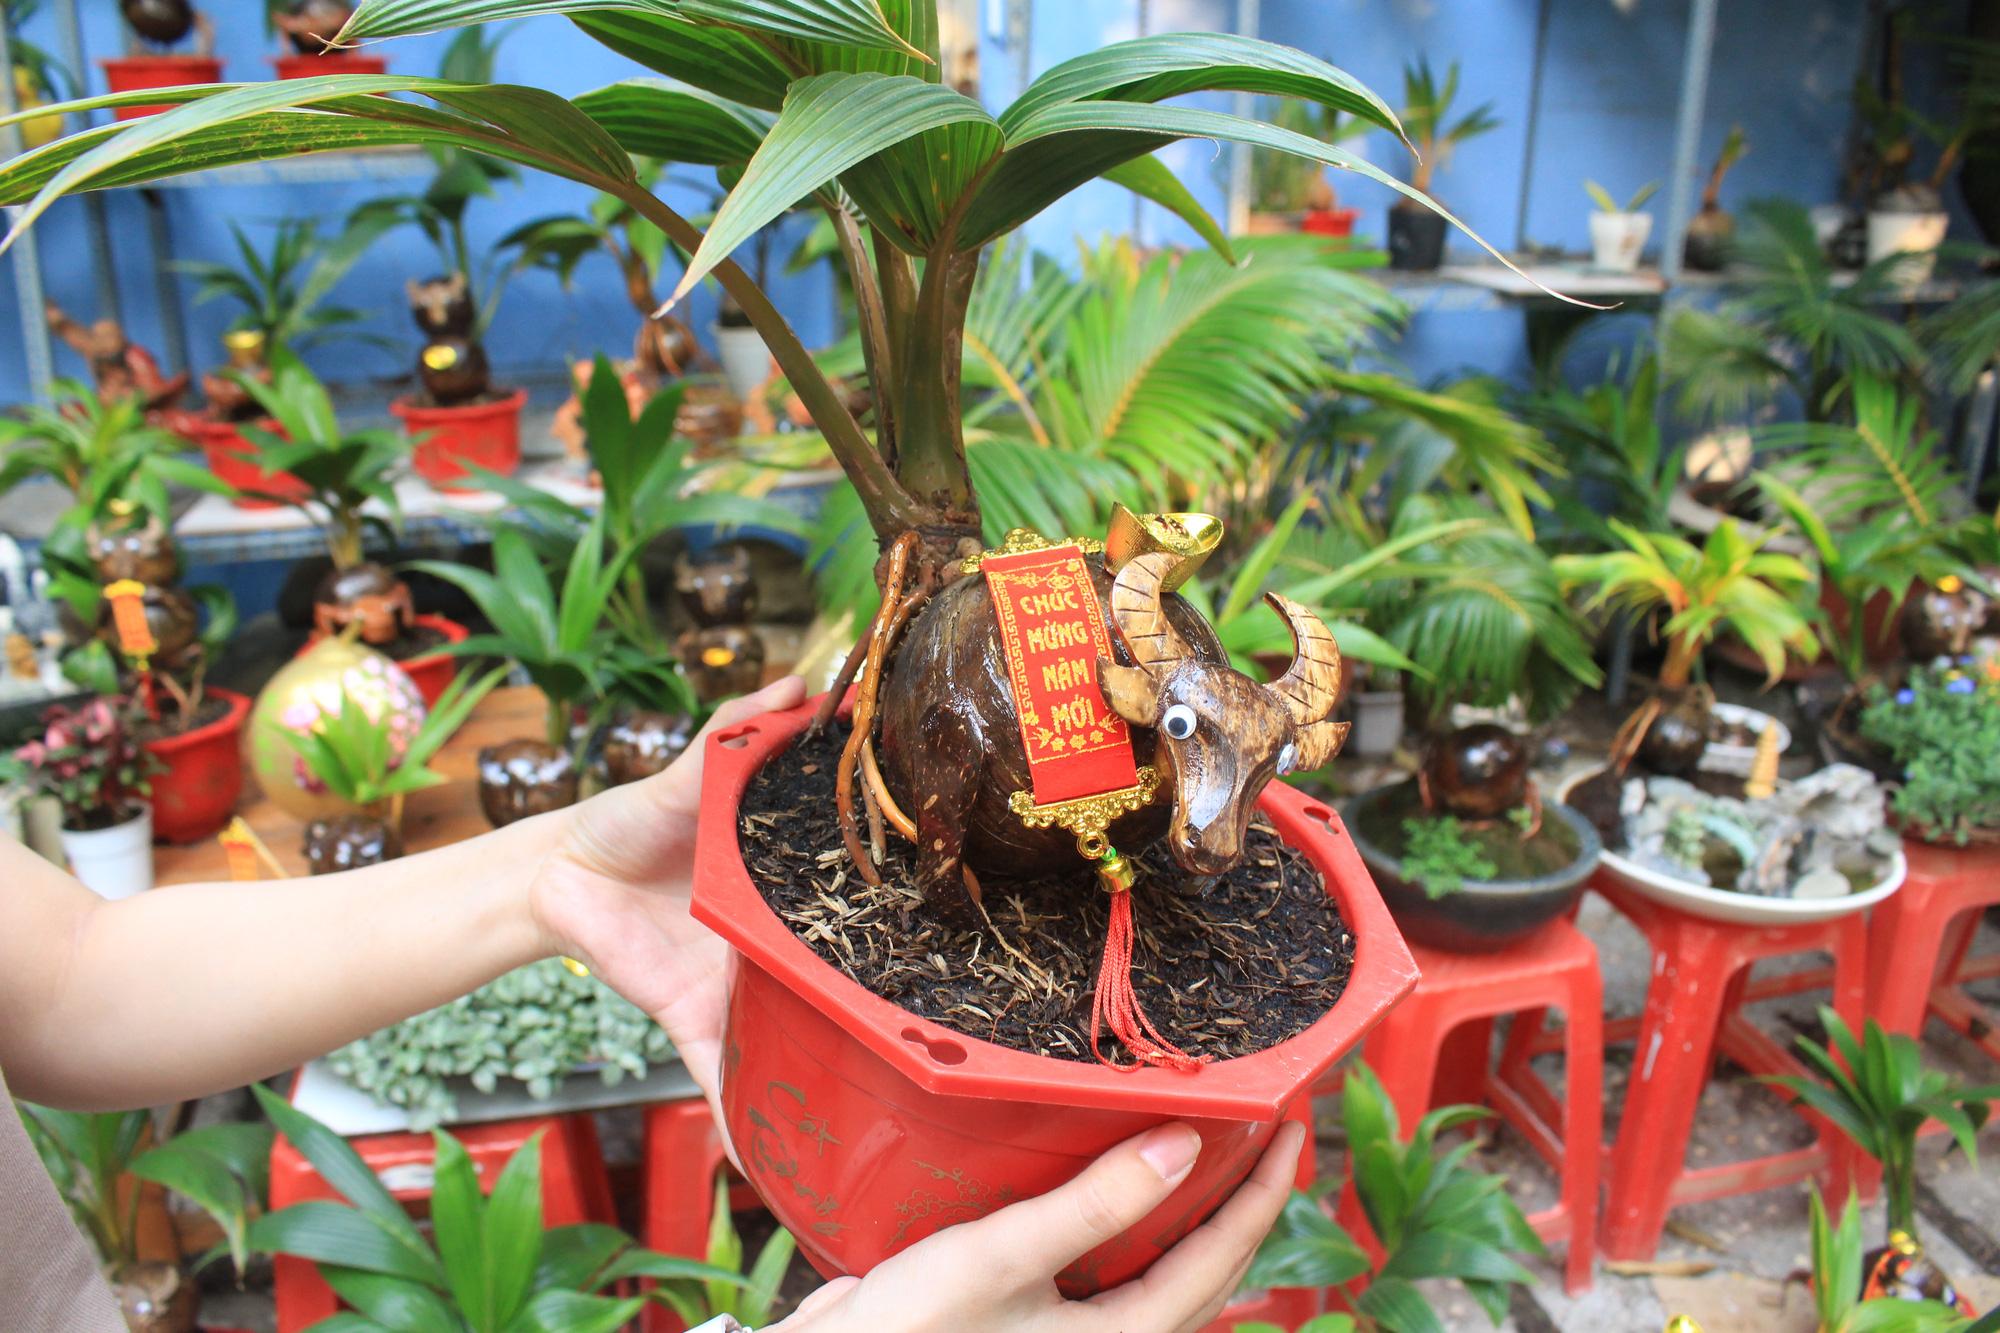 Độc đáo dừa khô bonsai hình trâu chơi Tết tiền triệu ở Sài Gòn - Ảnh 9.